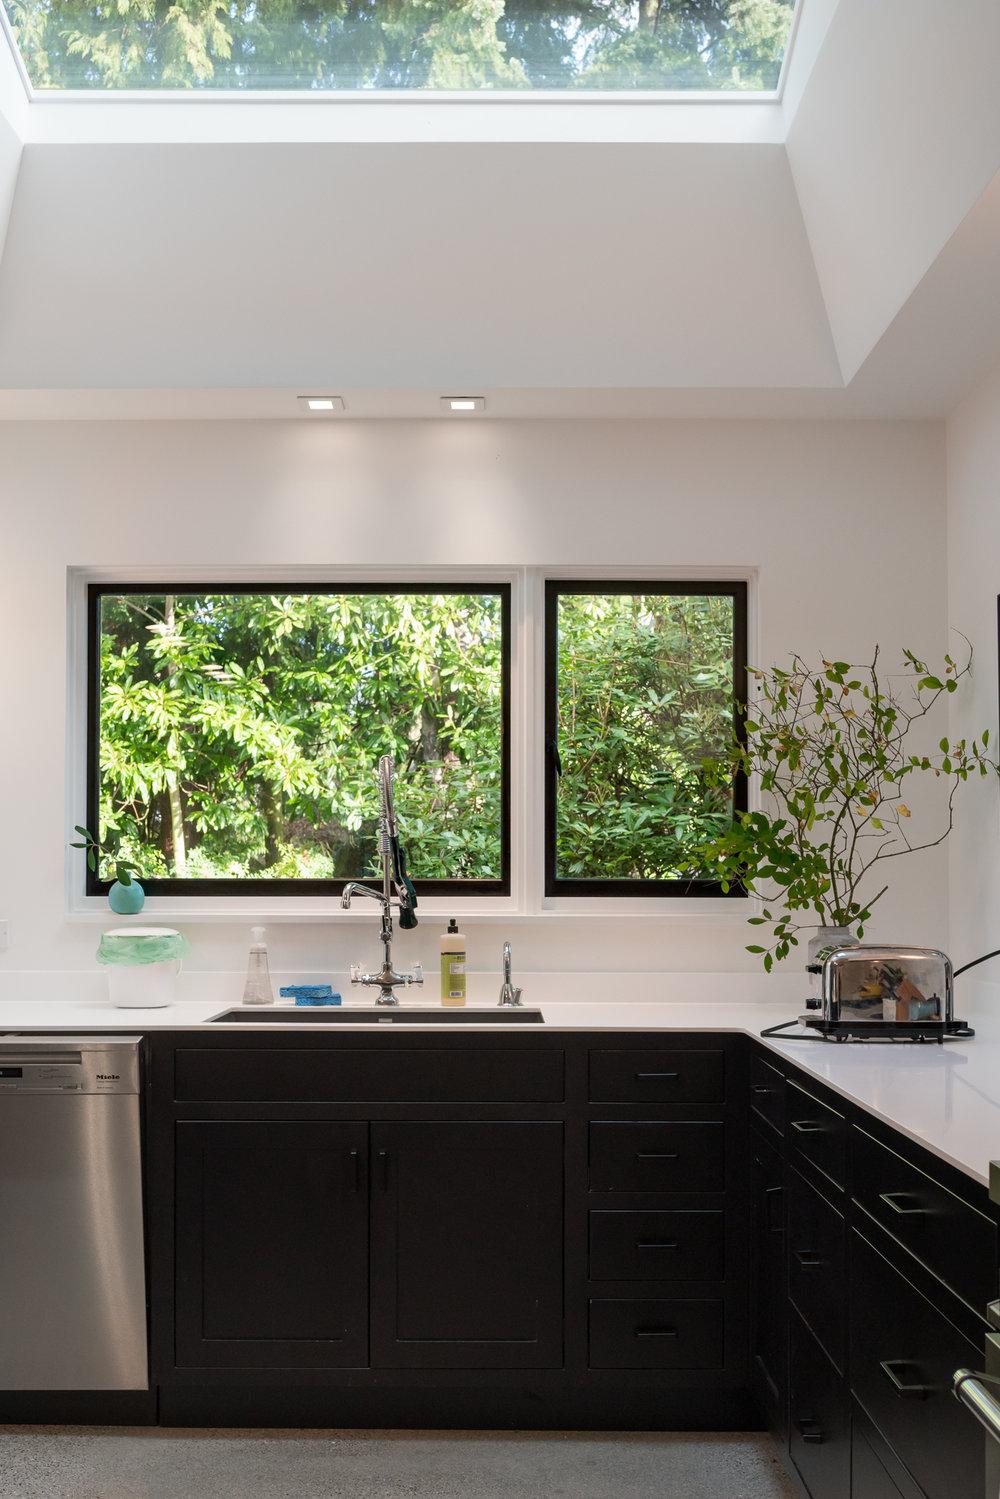 DuHamelArchitecture_HorizontalHouse_KitchenSky.jpg